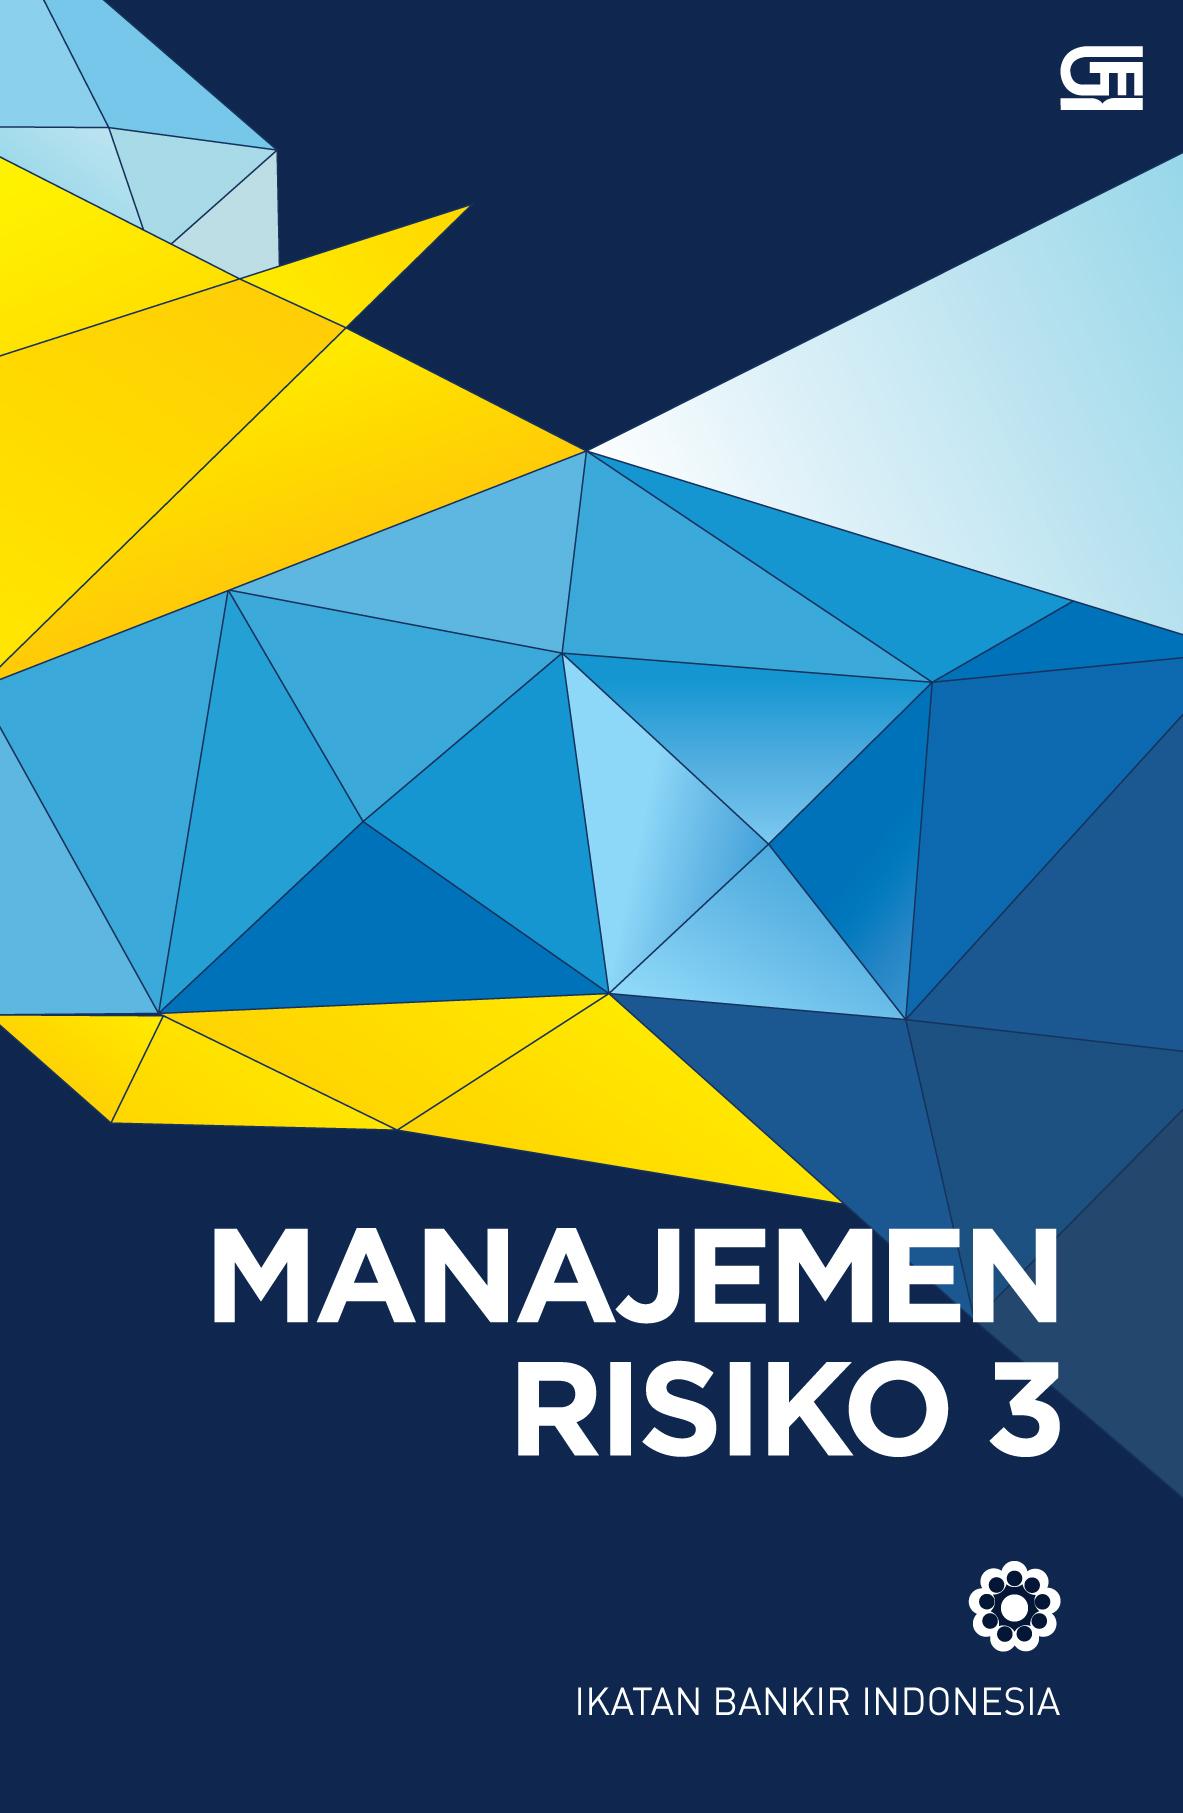 Manajemen Risiko 3 (Cover Baru)